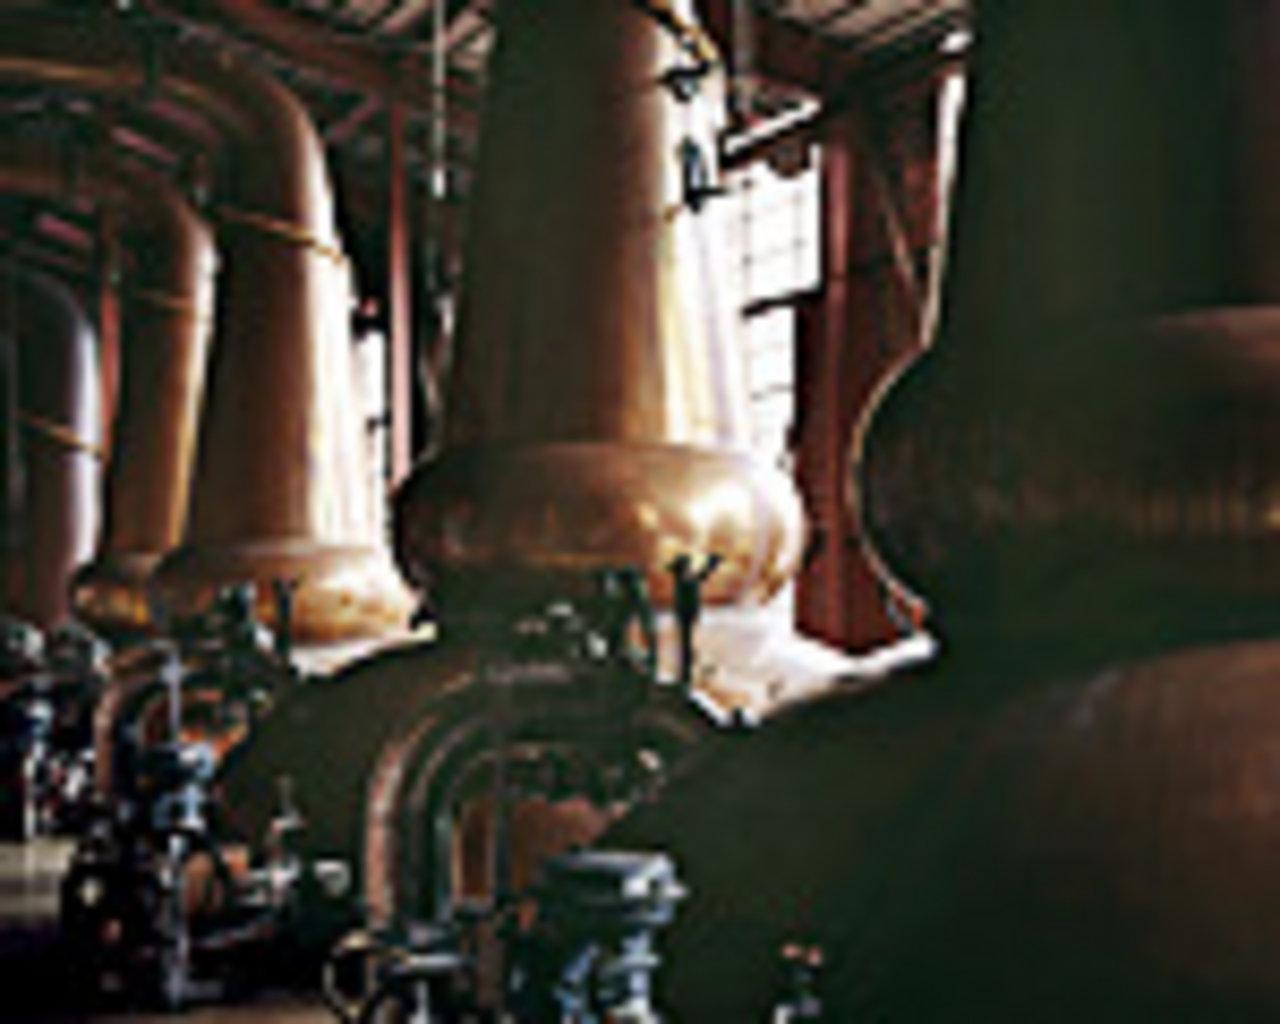 ニッカウヰスキー仙台工場 宮城峡蒸溜所